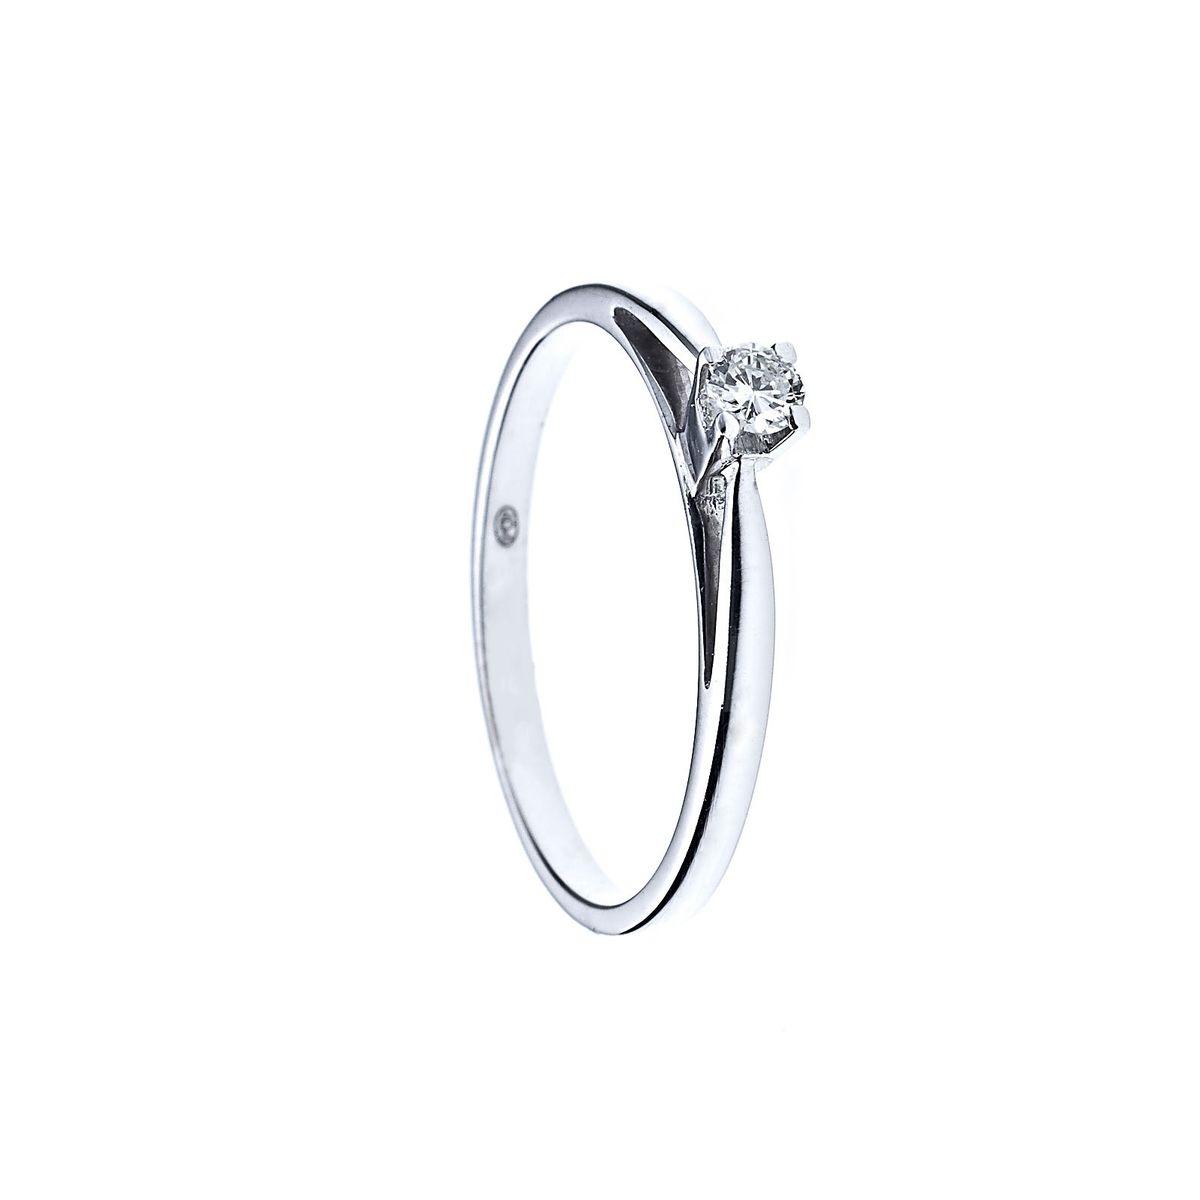 Bague Solitaire Diamant - Or Blanc 750 Millièmes (18 Carats) - Disponible de la taille 48 à la taille 60 -